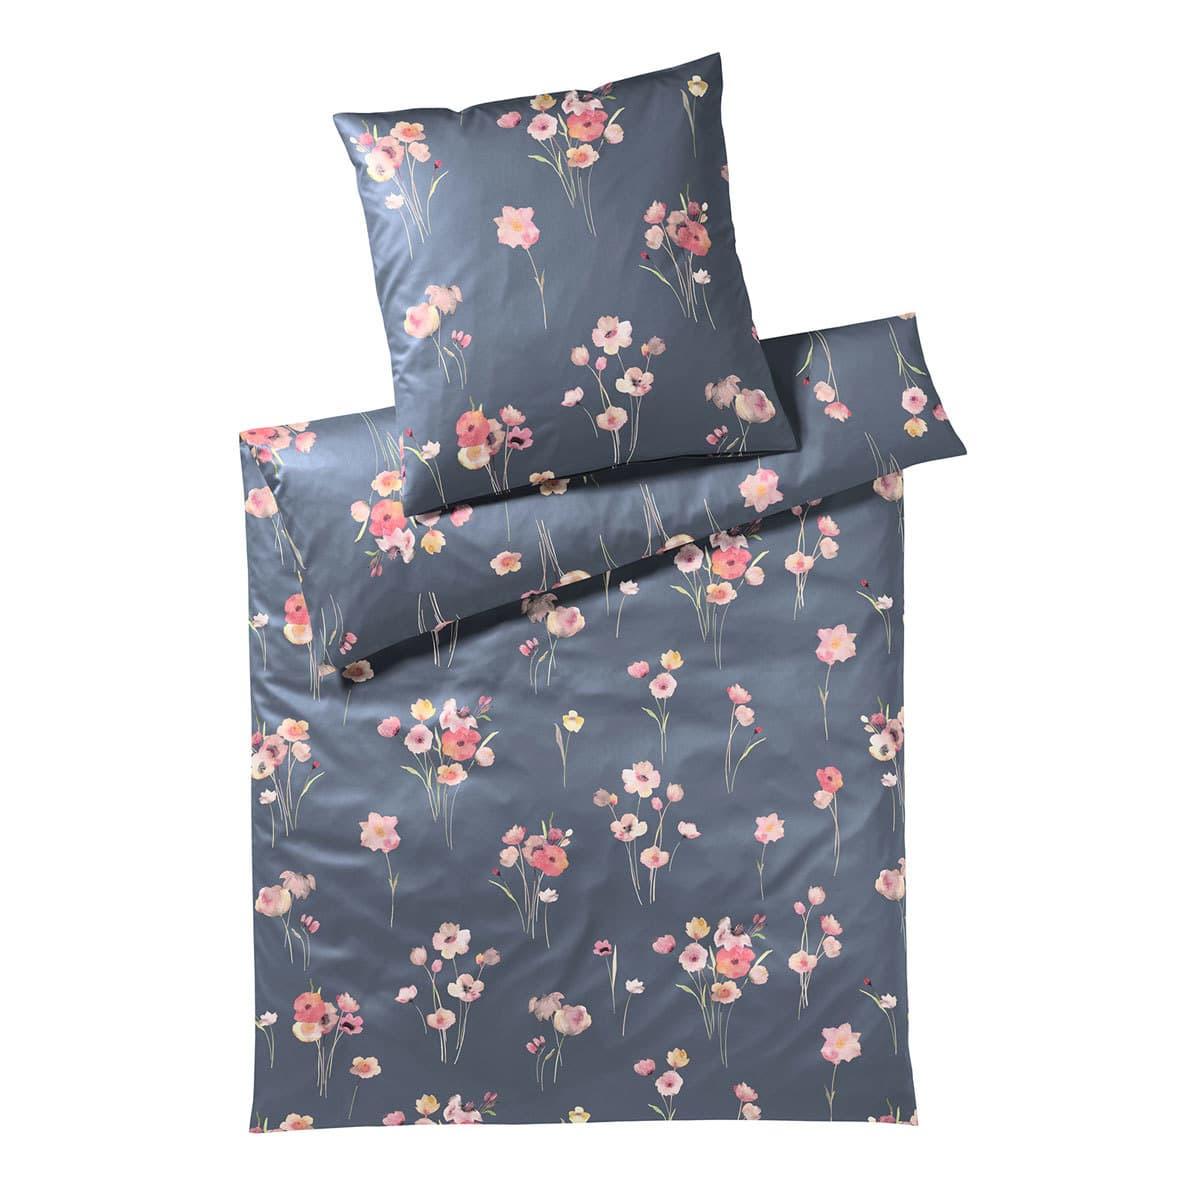 elegante seiden satin bettw sche poppy graphit g nstig online kaufen bei bettwaren shop. Black Bedroom Furniture Sets. Home Design Ideas